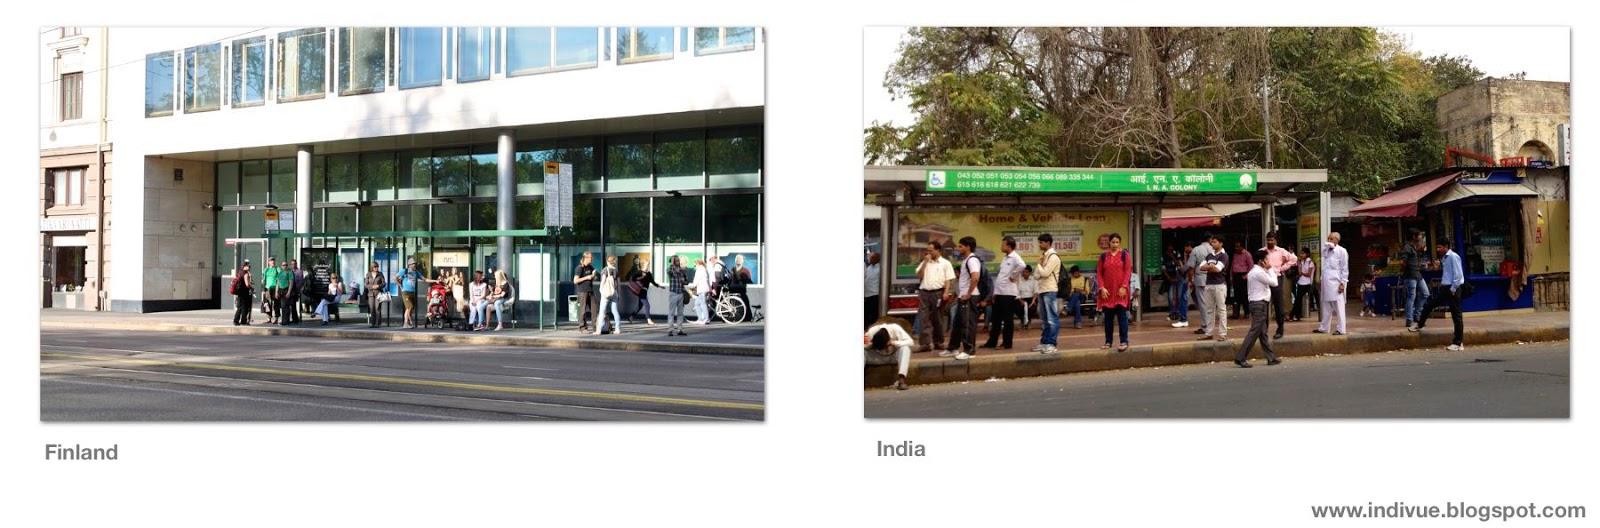 Suomalainen ja intialainen bussipysäkki